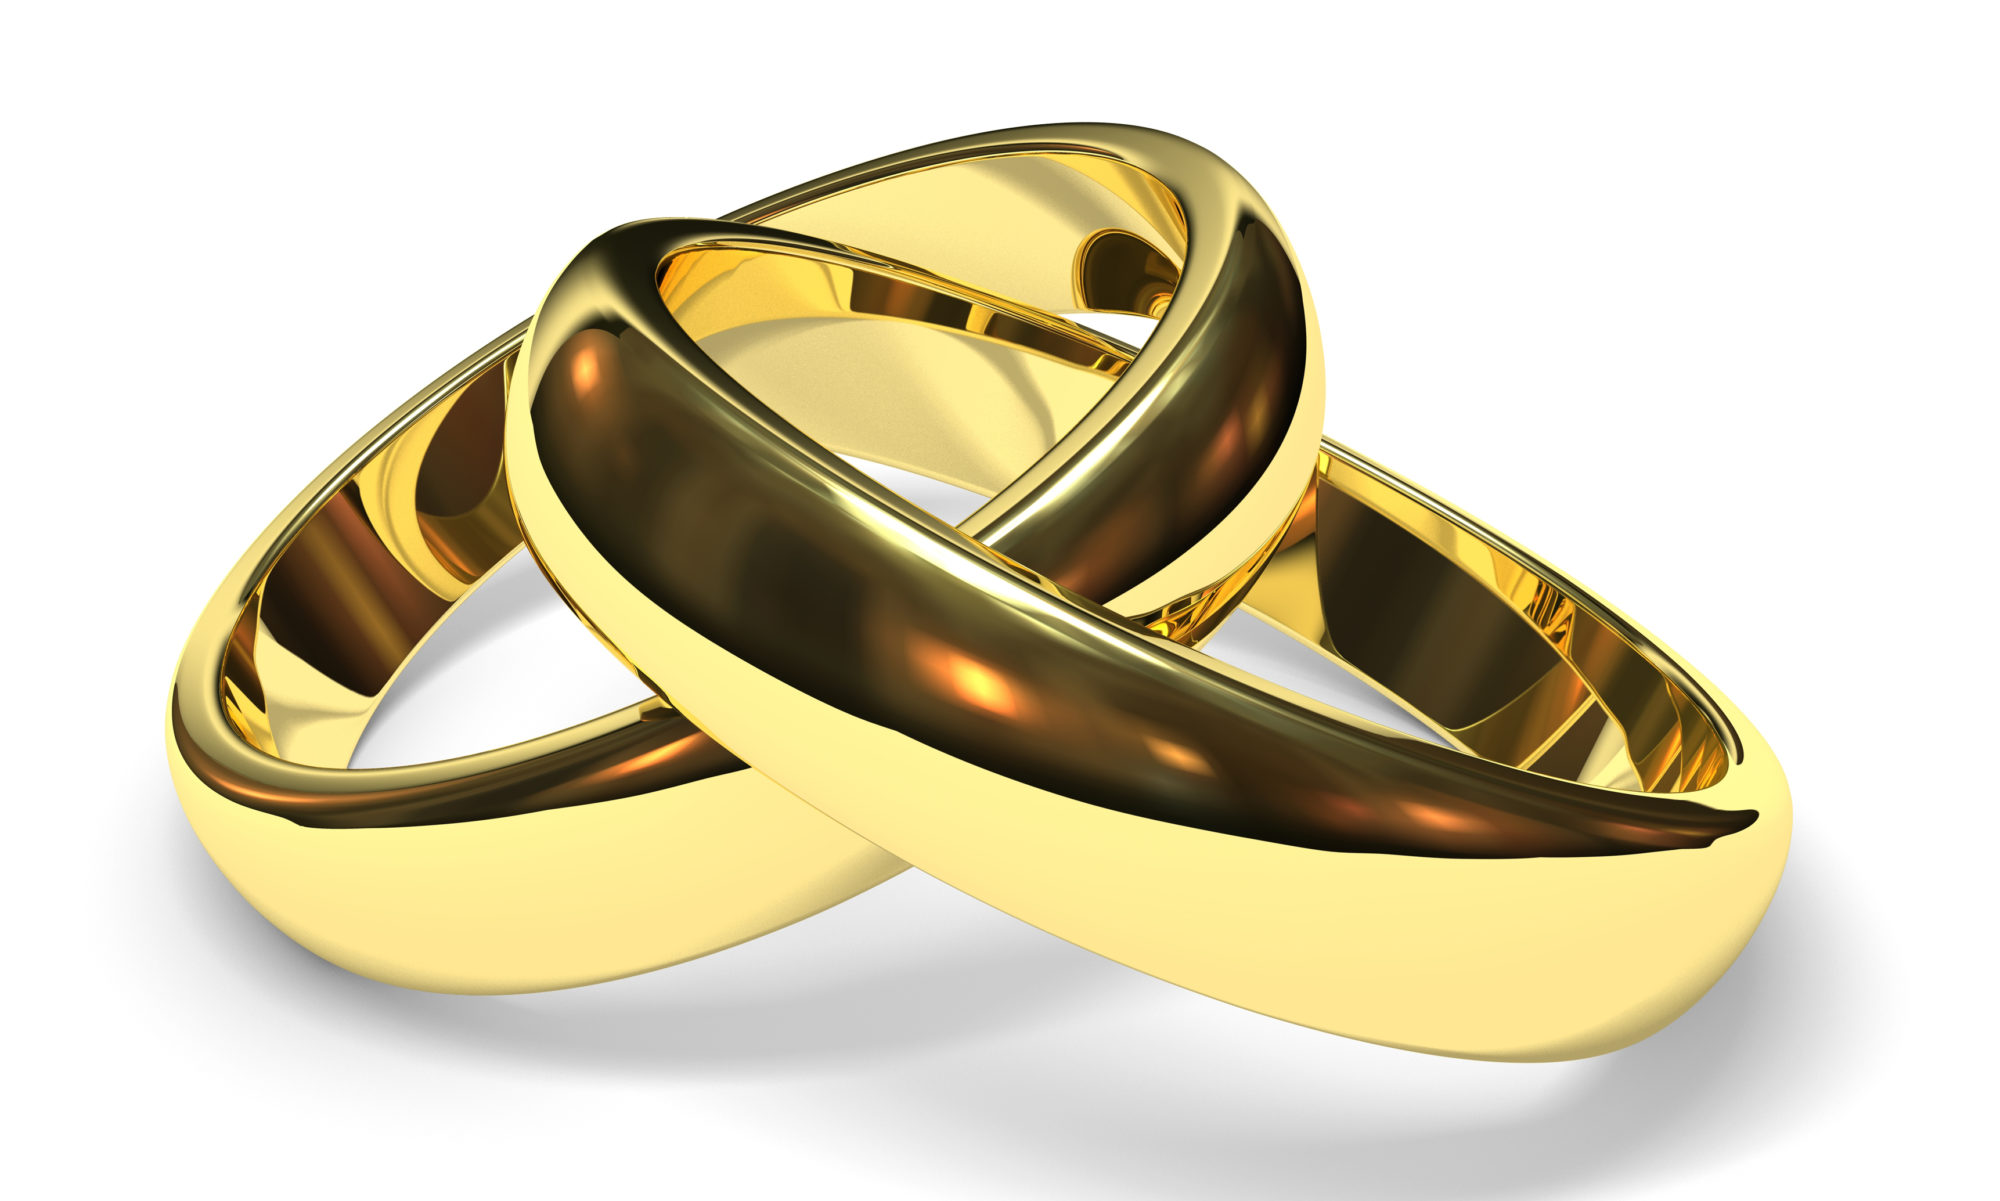 SEO konzultant pro svatební prsteny - jak se specializovat v marketingu